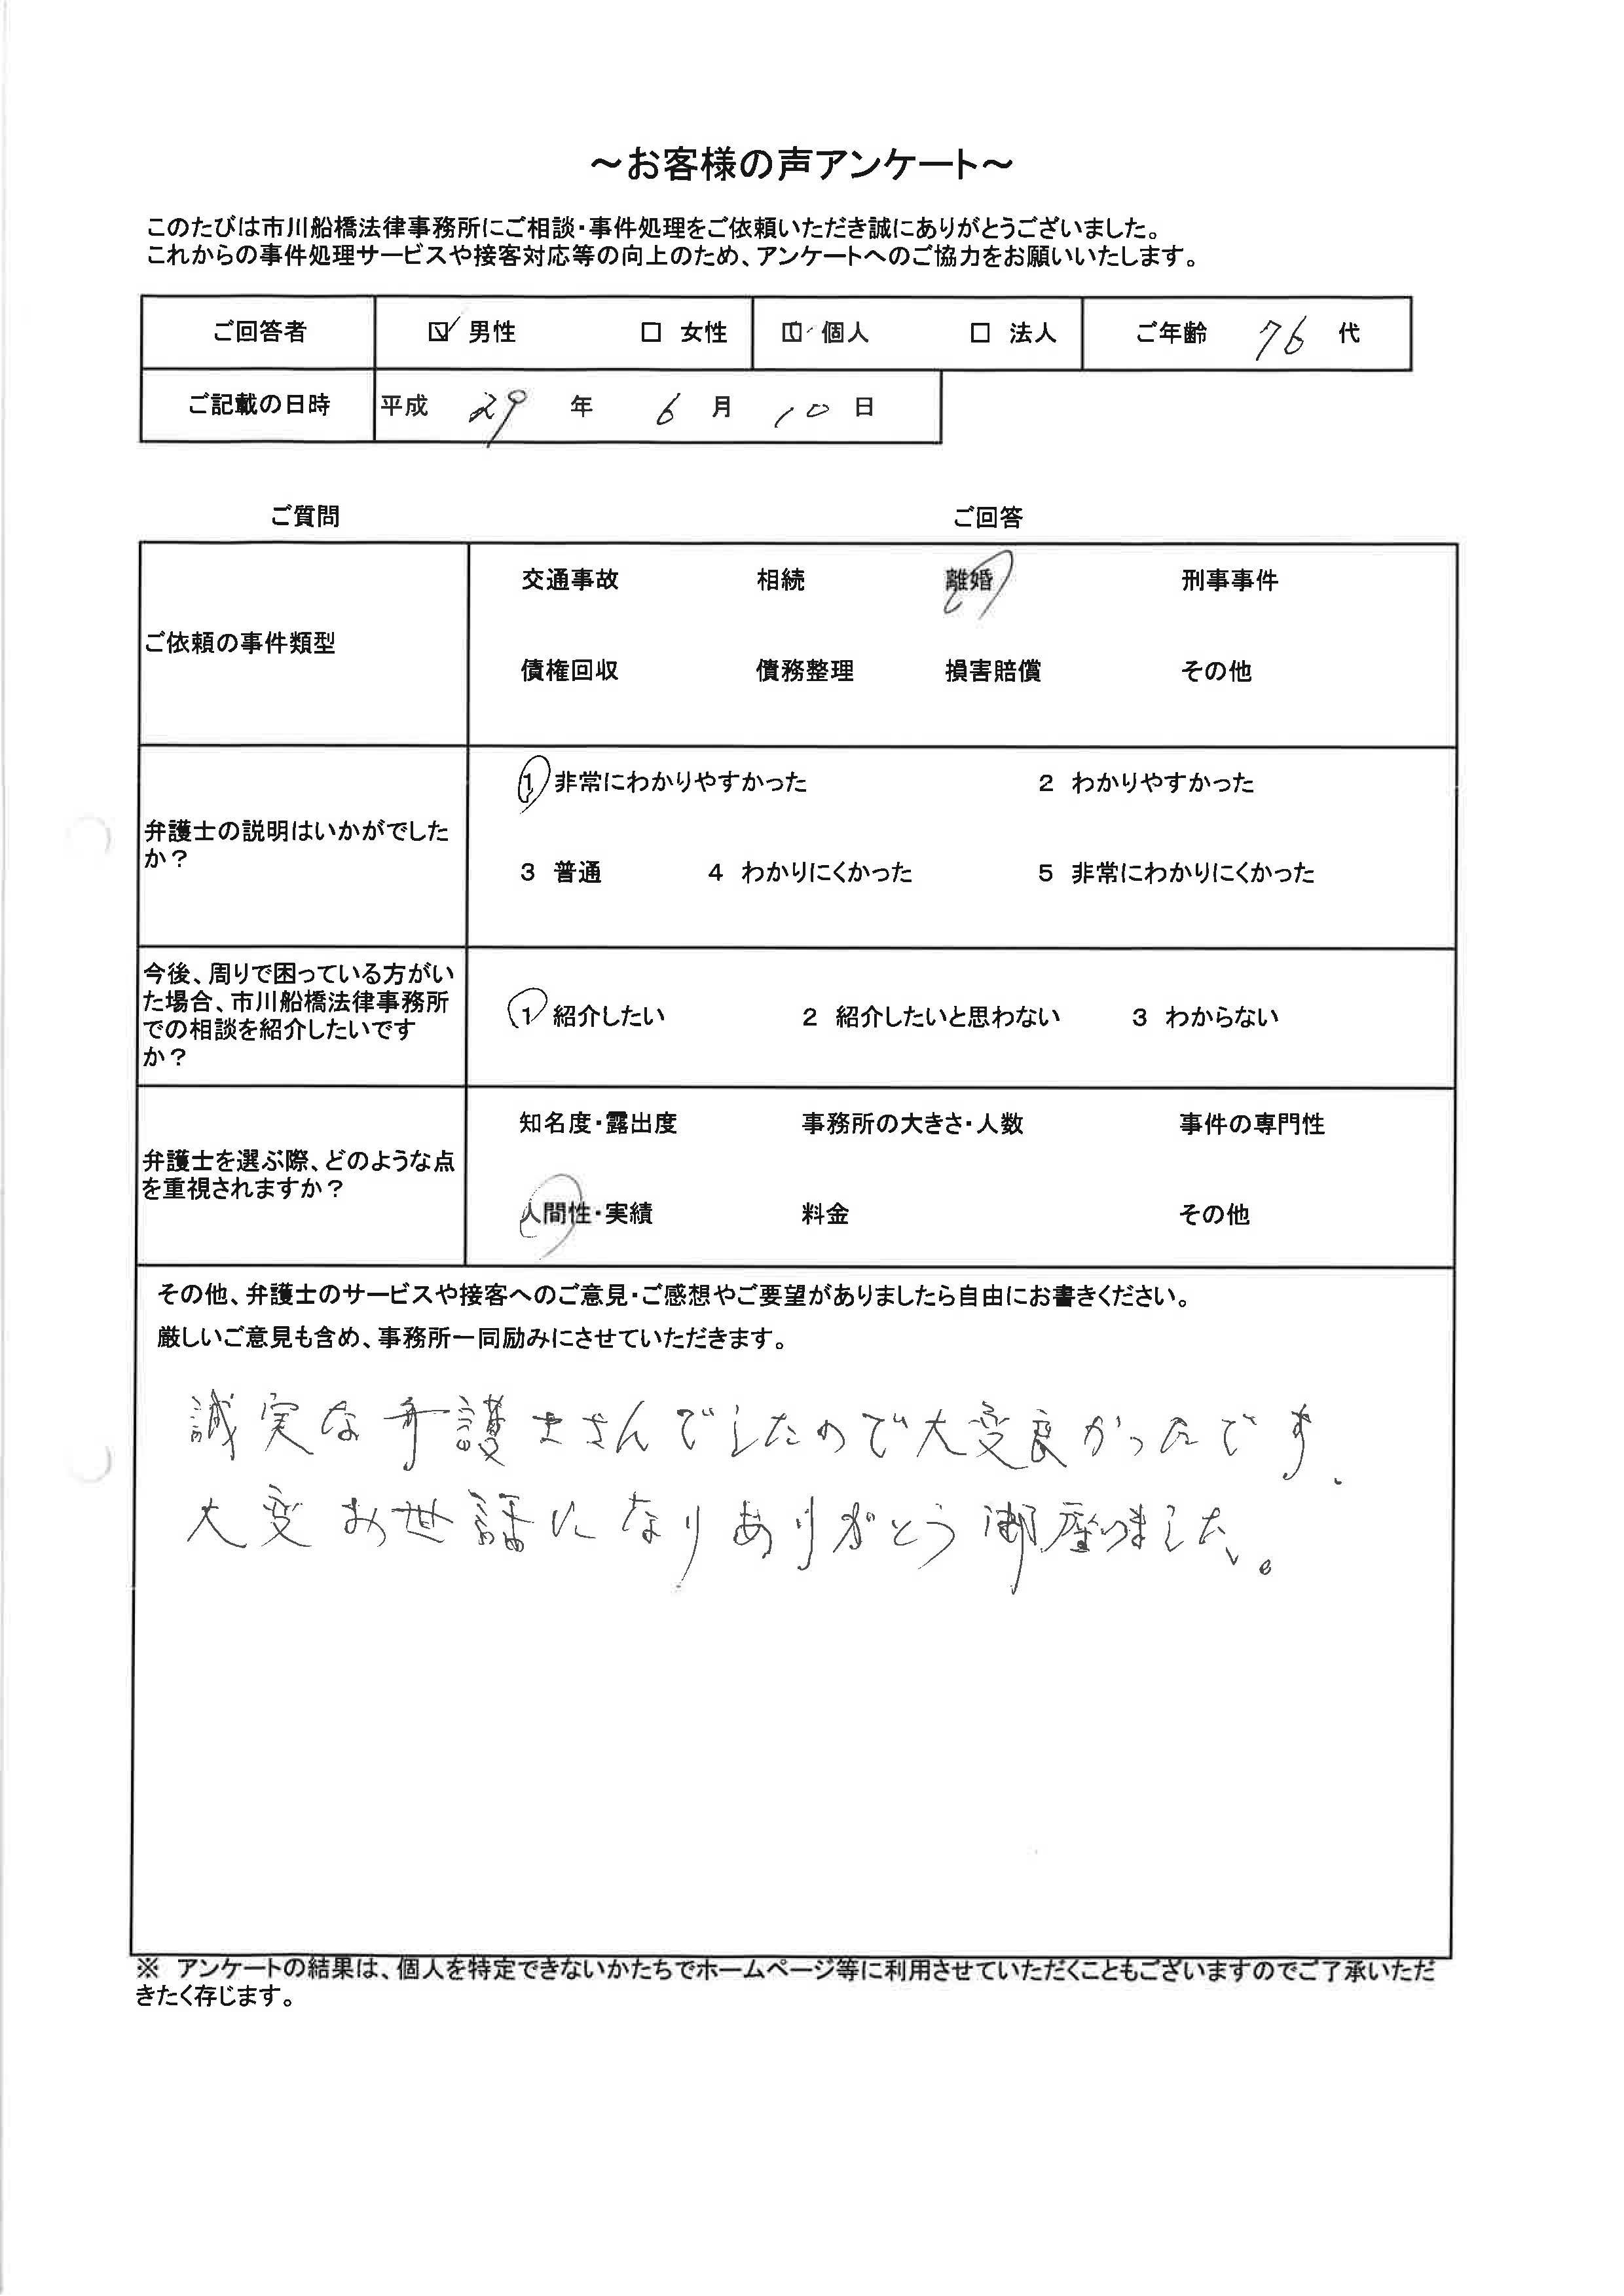 交通事故でアトム市川船橋法律事務所弁護士法人にご依頼のお客様